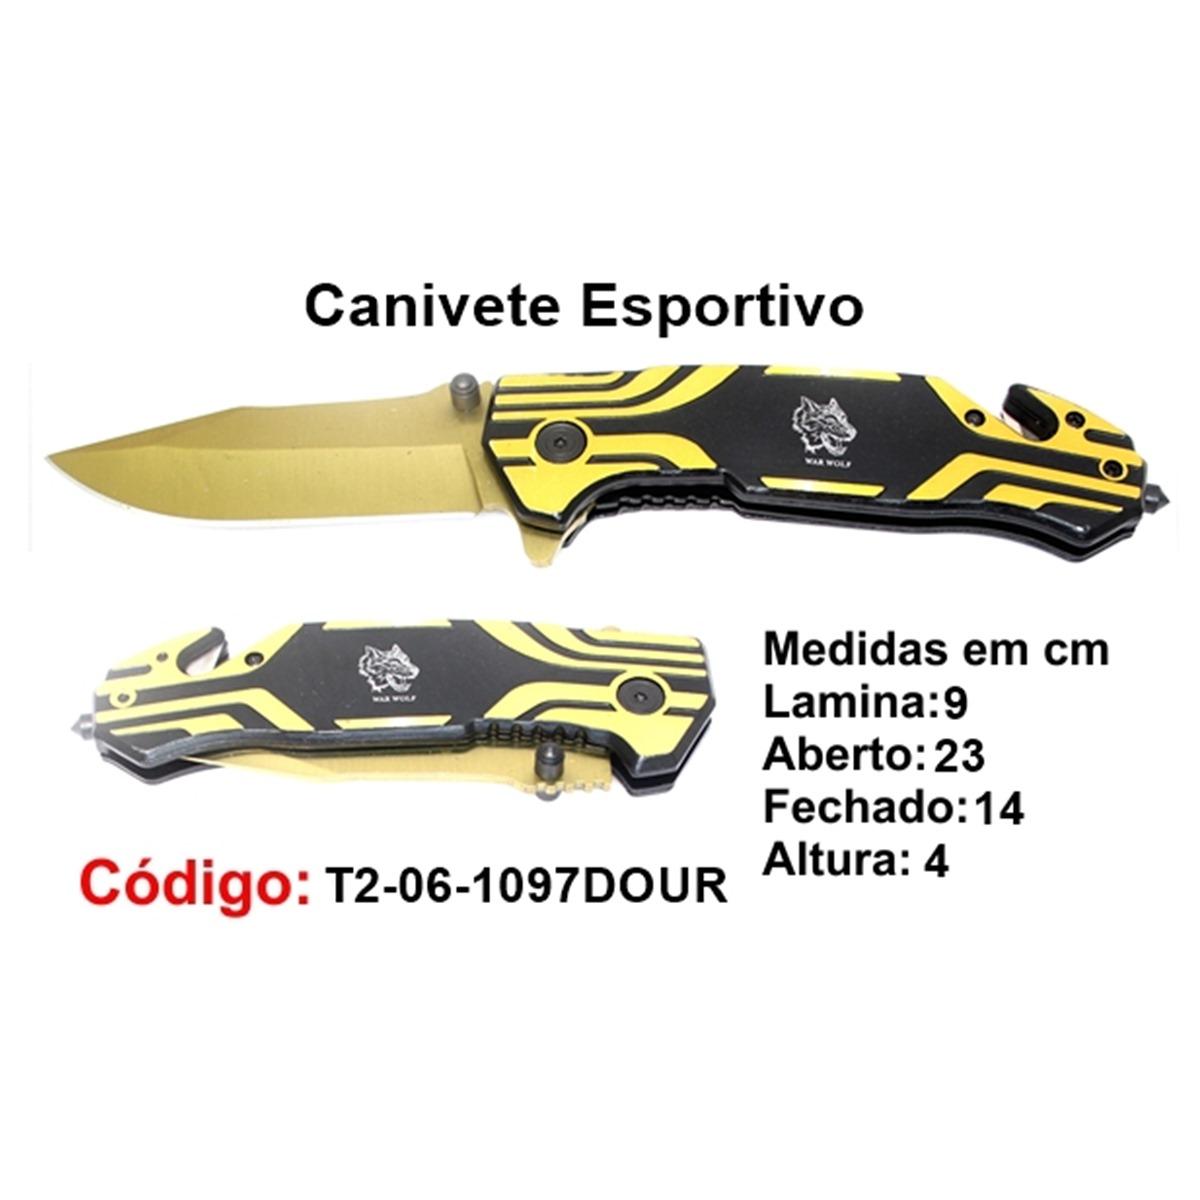 Canivete Esportivo Caça Pesca Etc. 06-1097DOUR